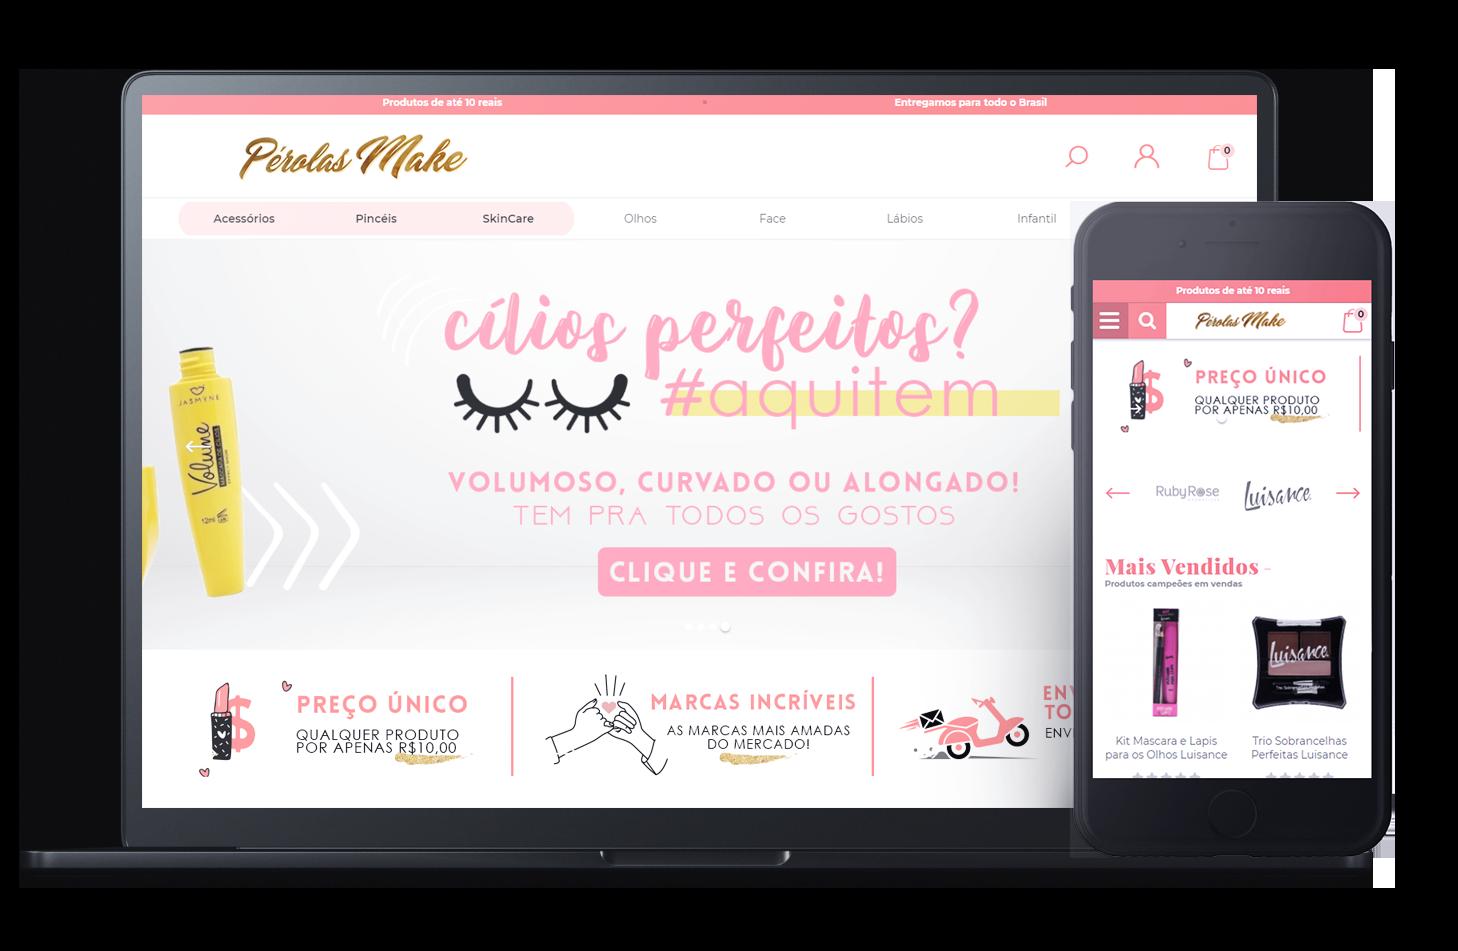 Mockup da loja virtual Pérolas Make, desenvolvida com a Plataforma de E-commerce Magento Bis2Bis